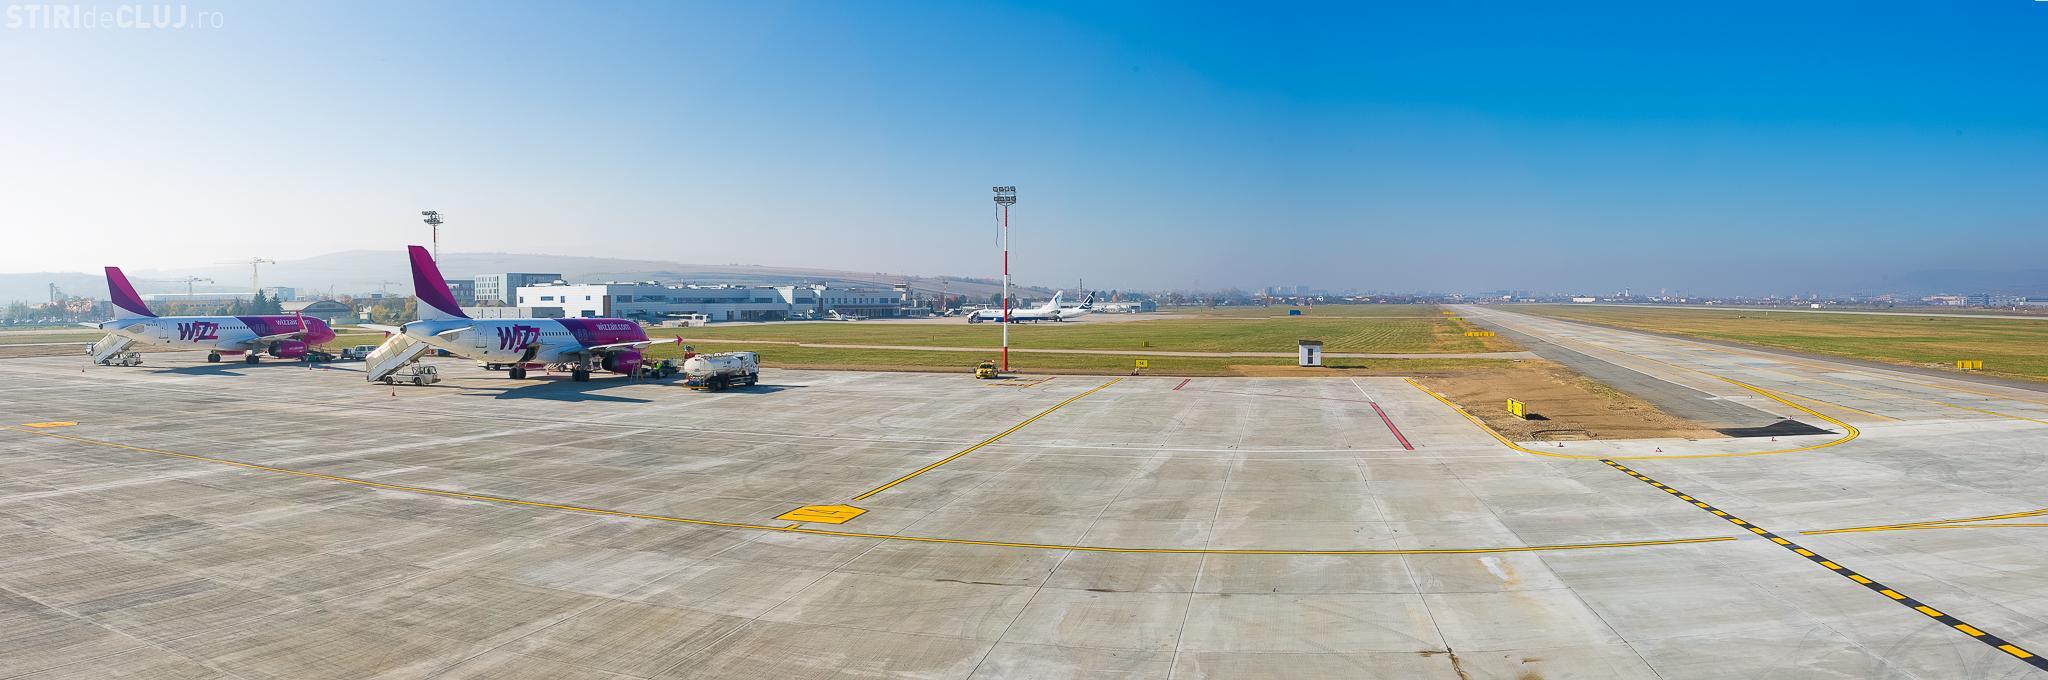 Aeroportul Cluj a inaugurat o nouă platformă de staționare a aeronavelor FOTO